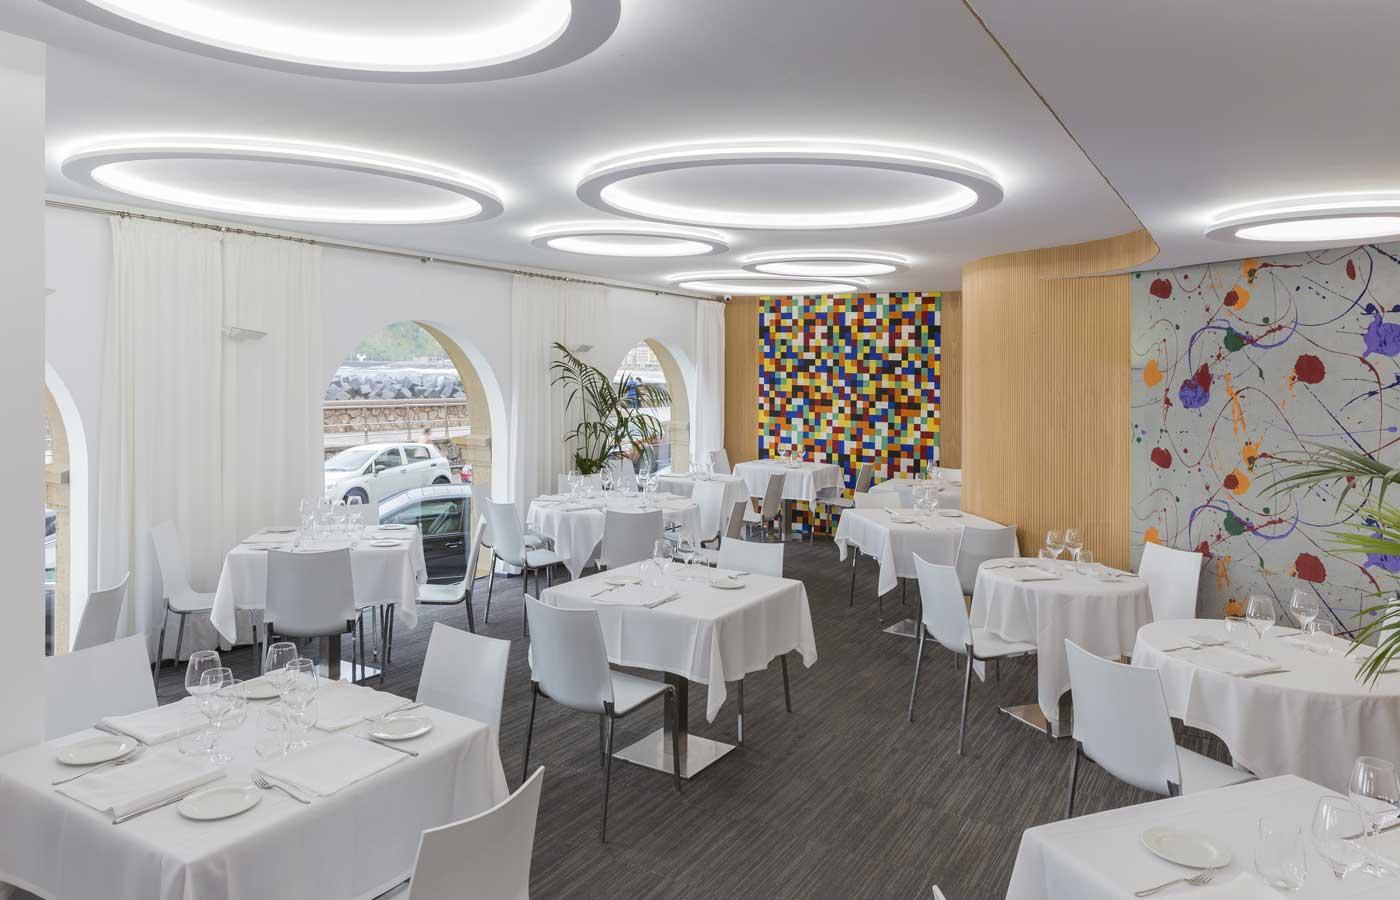 Restaurante kaskazuri men en donostia san sebastian - Restaurante kaskazuri san sebastian ...